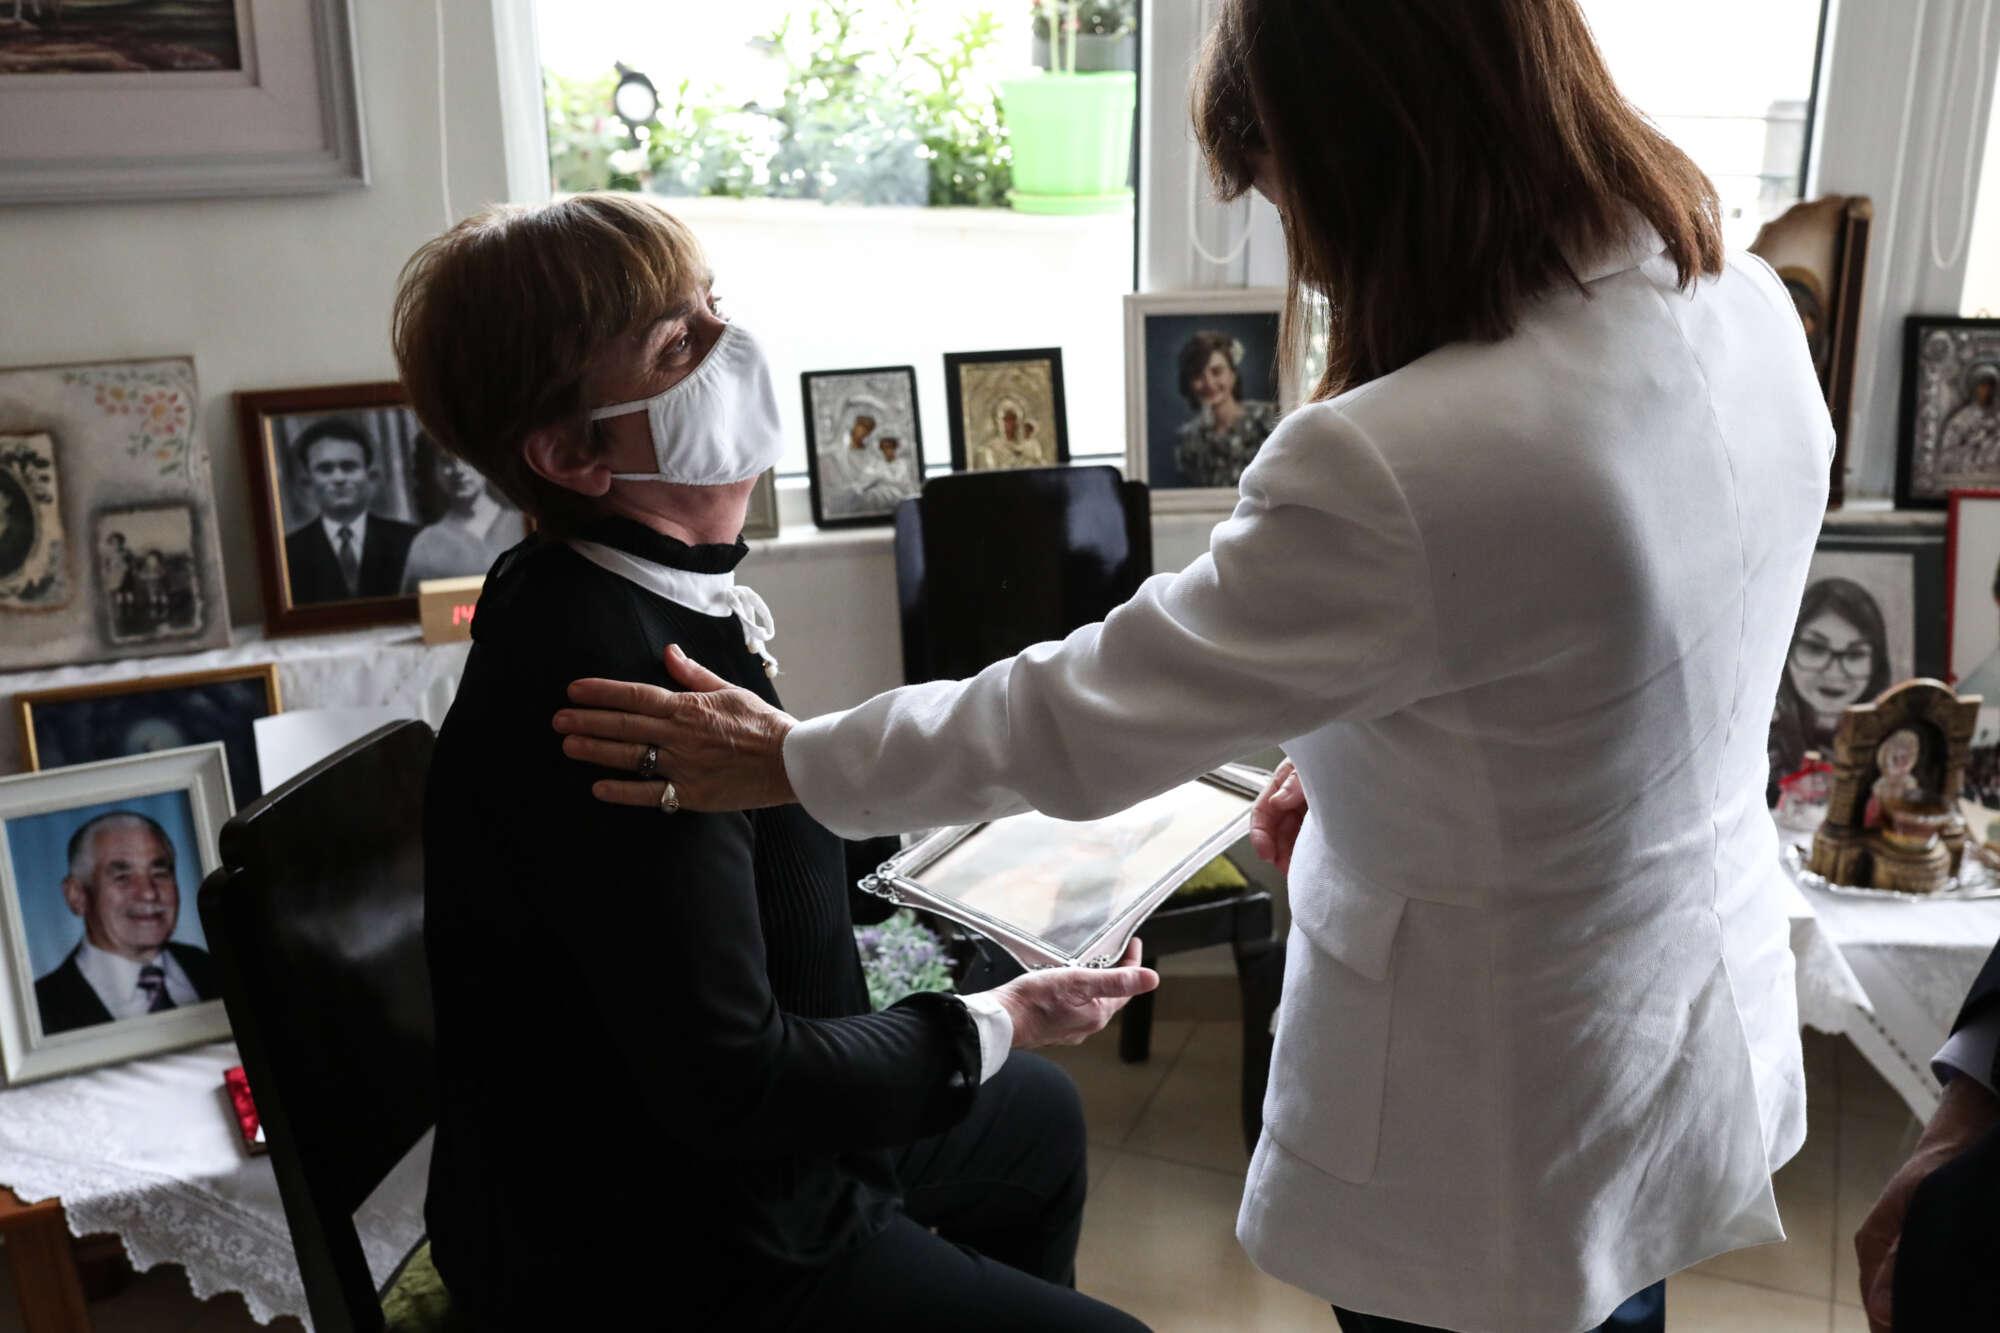 Τους γονείς της Ελένης Τοπαλούδη επισκέφτηκε η Κατερίνα Σακελλαροπούλου |  Protagon.gr